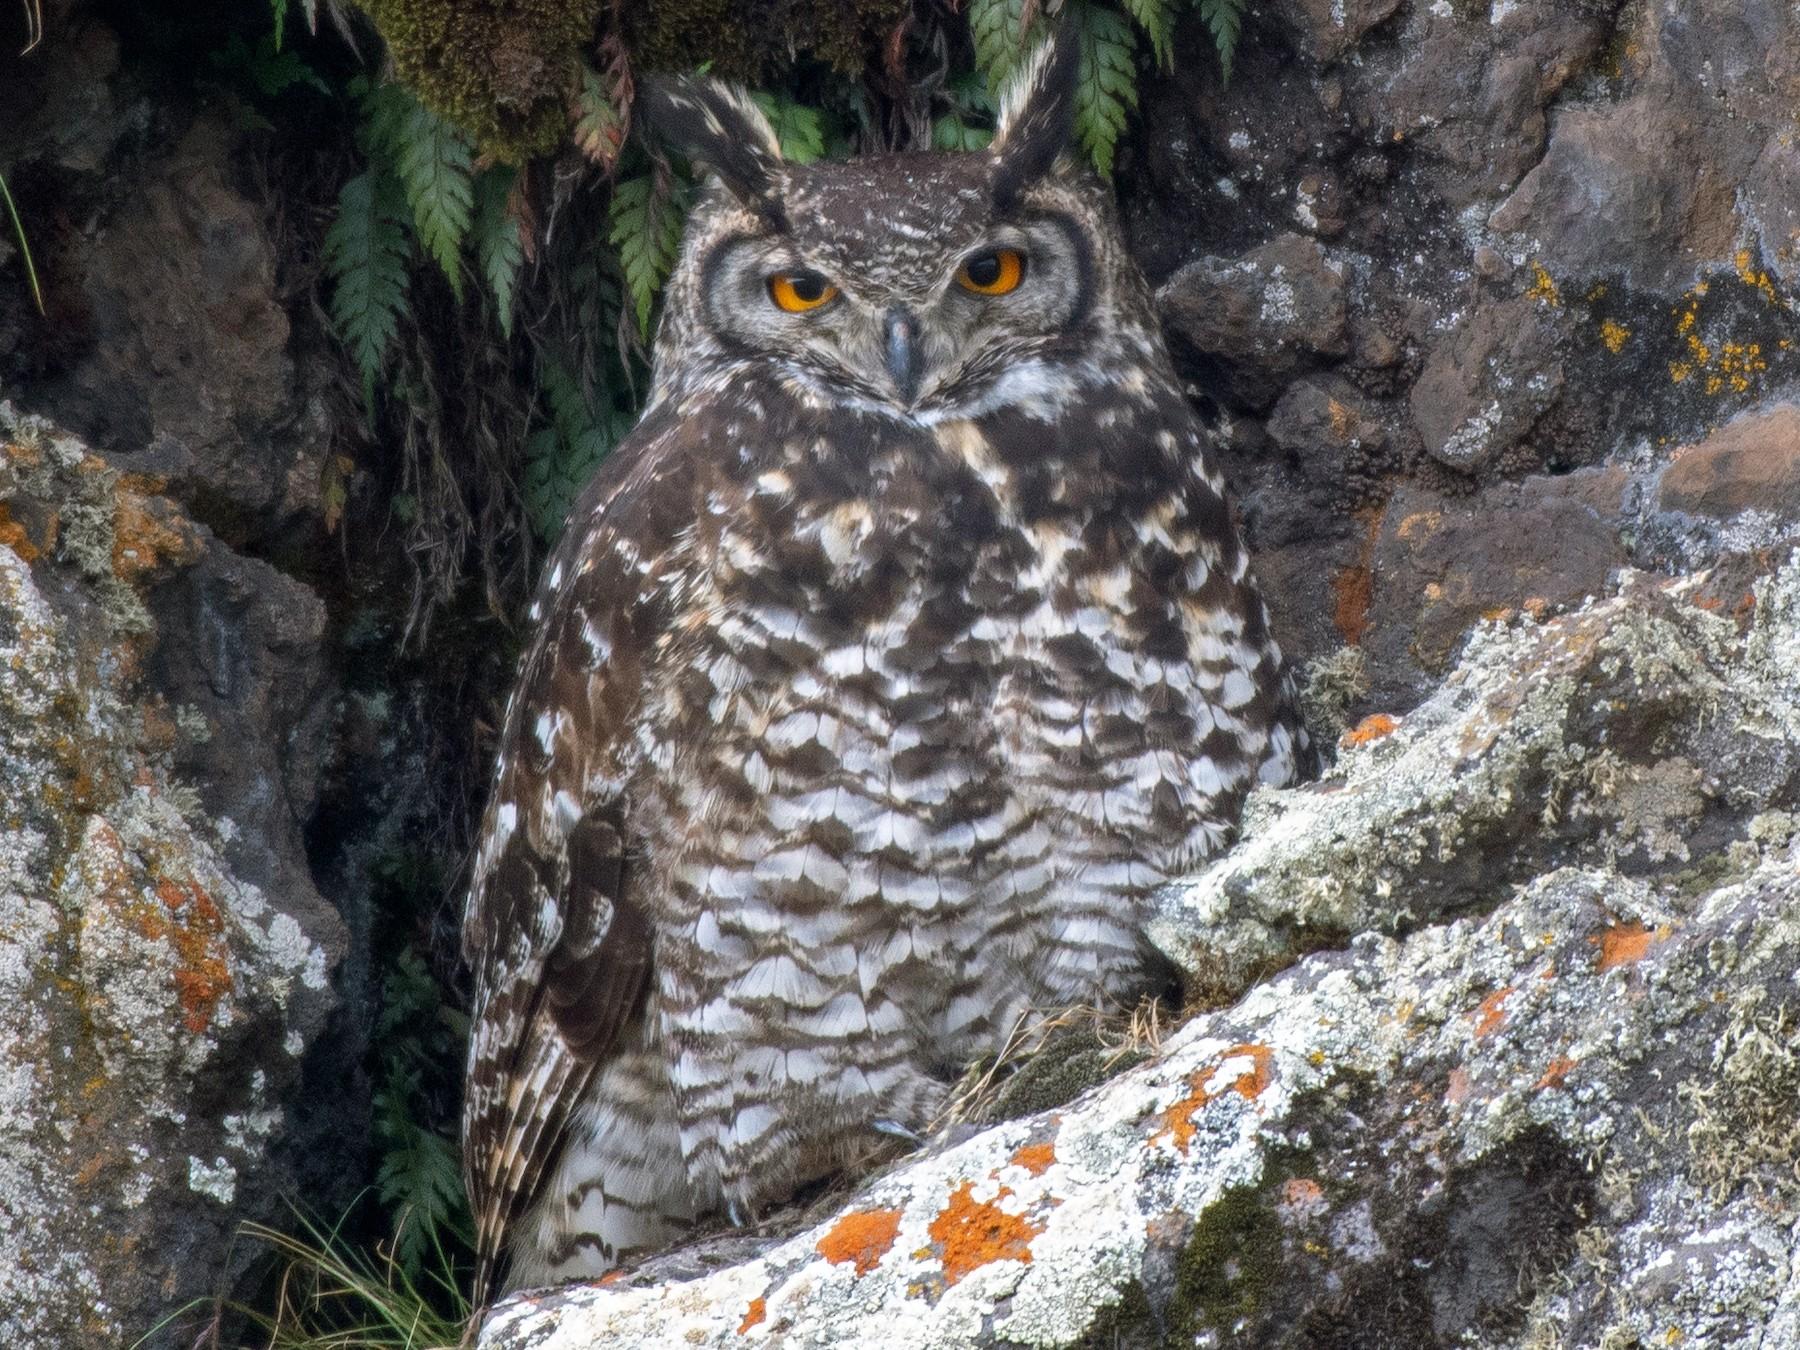 Cape Eagle-Owl - Ana Paula Oxom